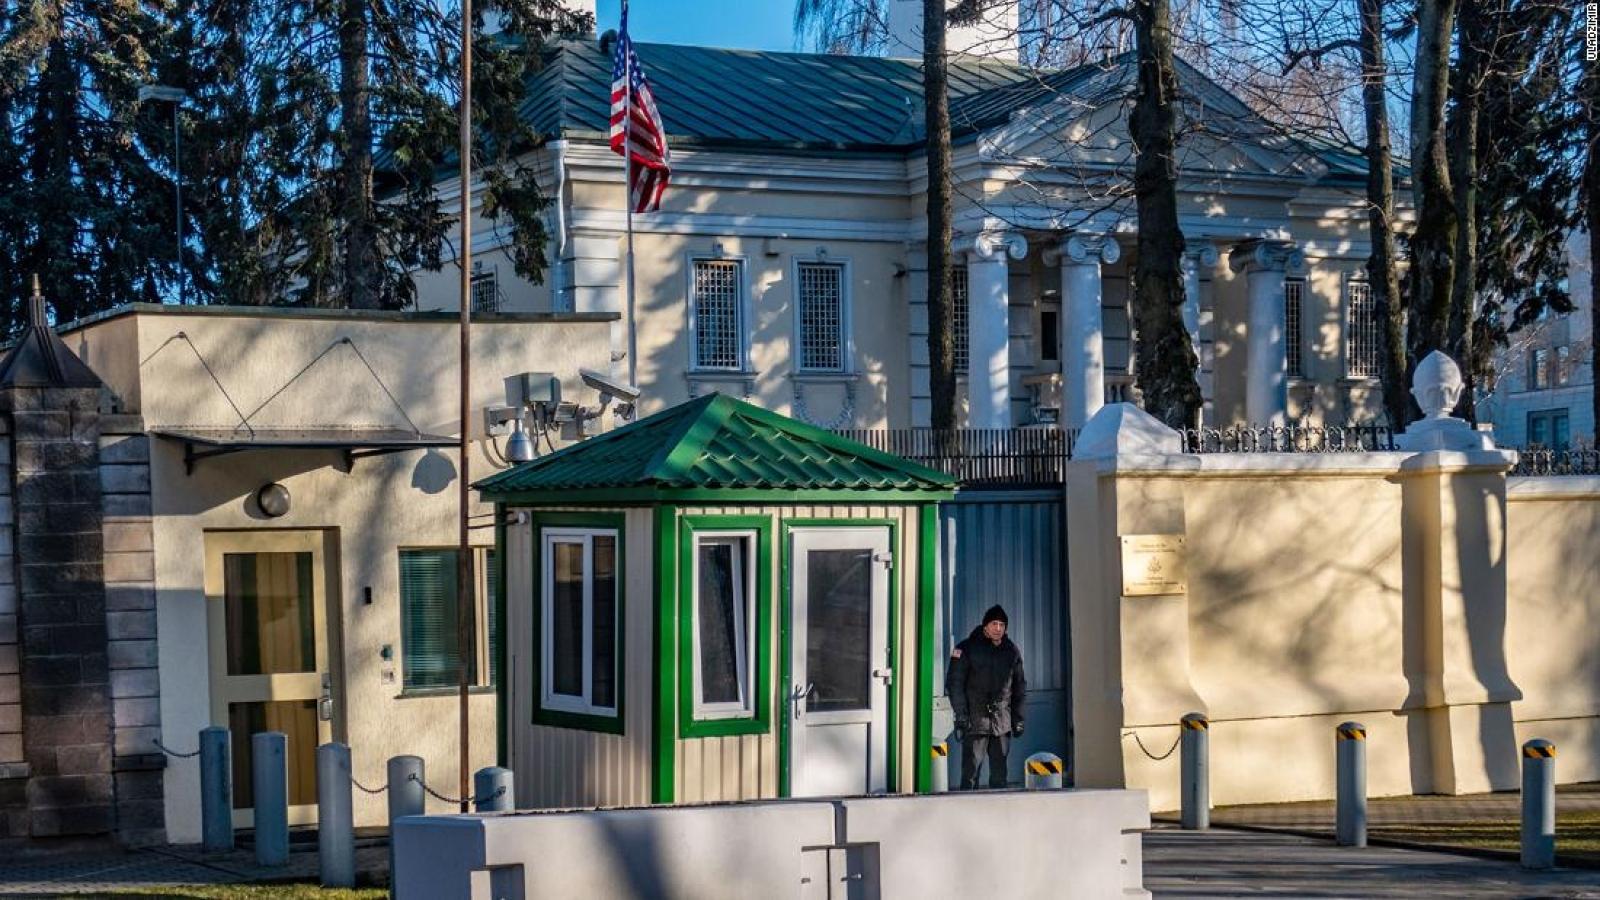 Belarus đáp trả lệnh trừng phạt, cắt giảm nhân viên tại Đại sứ quán Mỹ